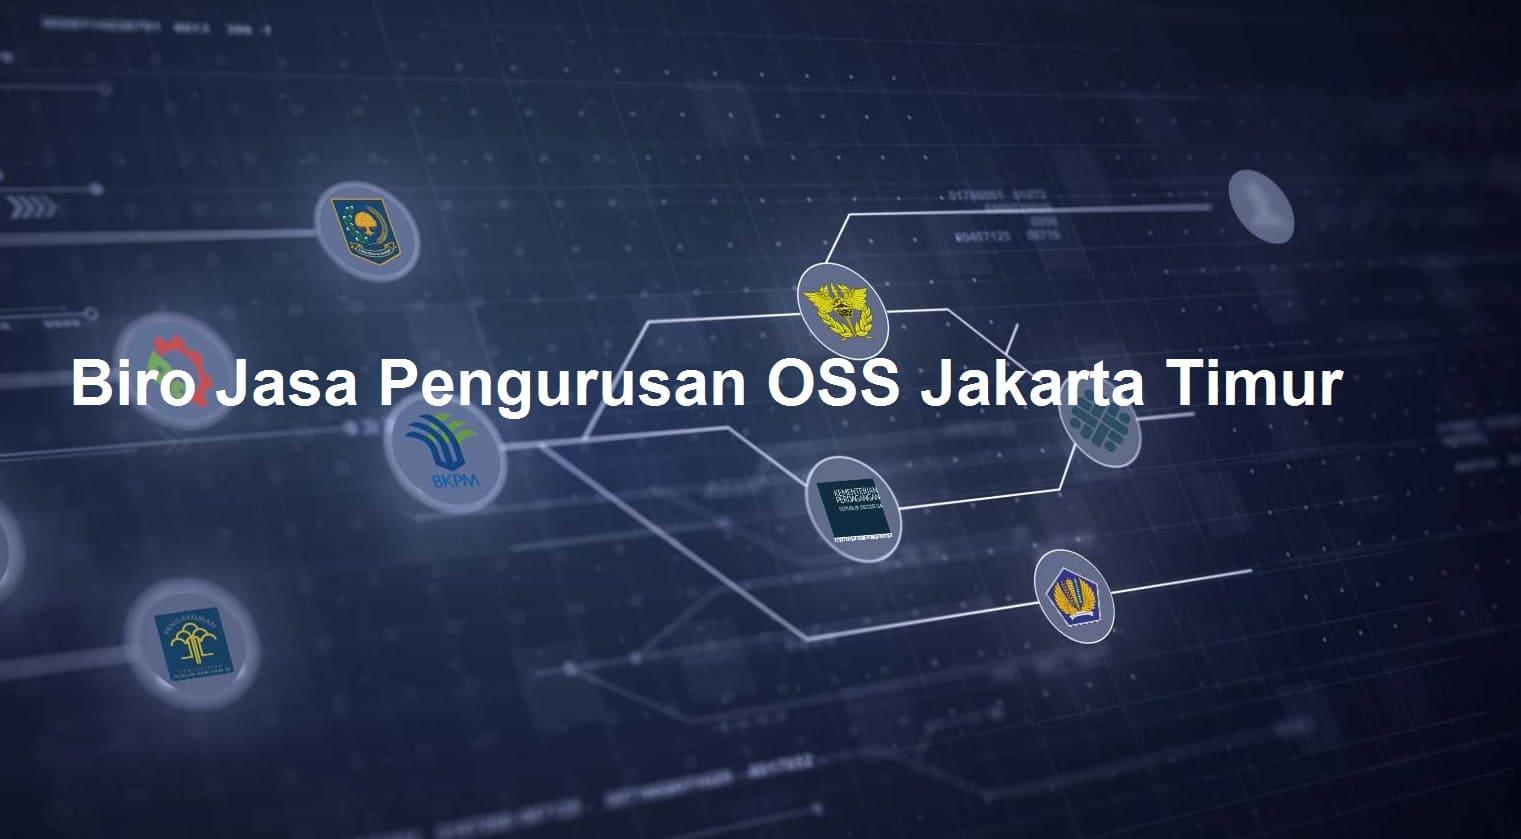 Biro Jasa Pengurusan OSS Jakarta Timur   Adhikari Kreasi ...